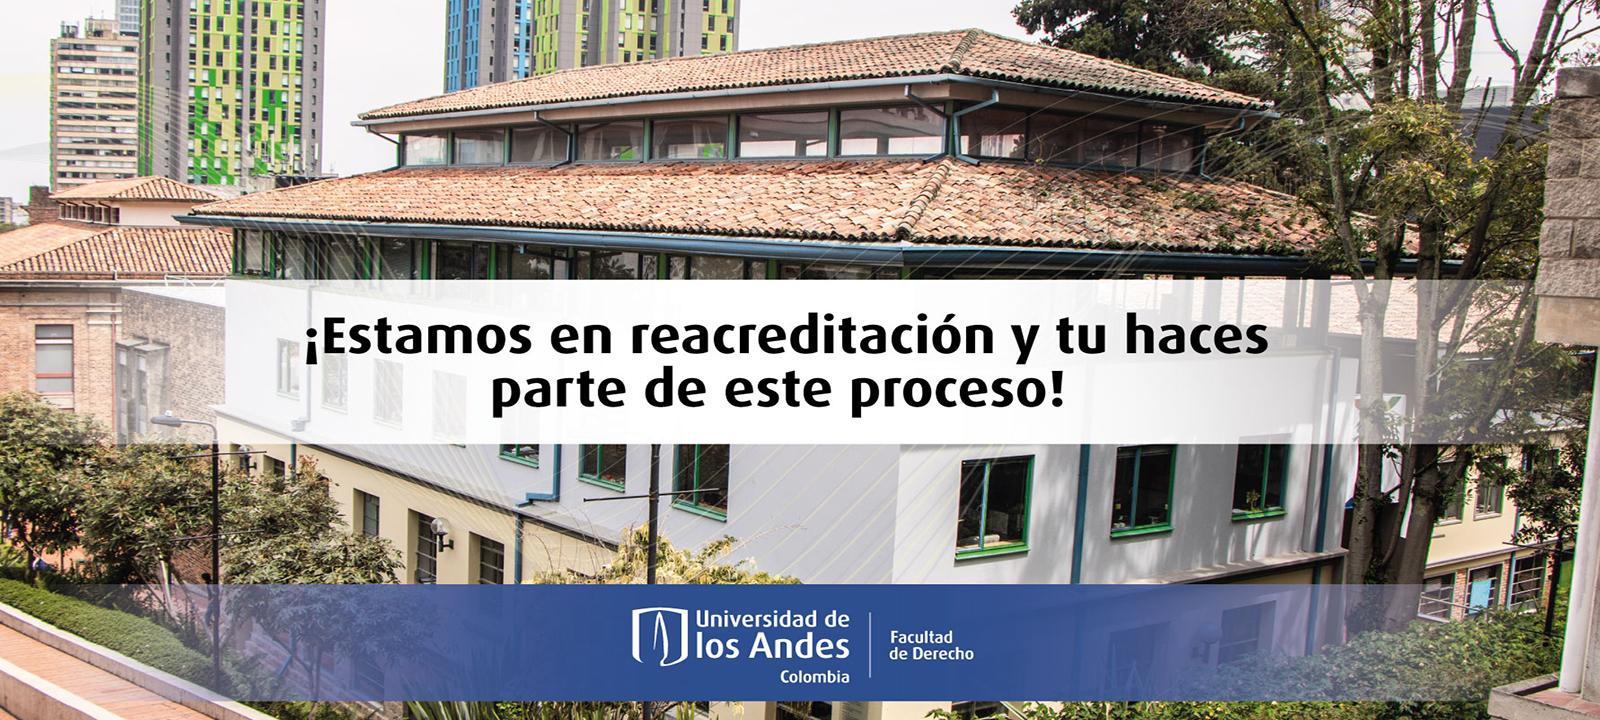 Reacreditación Facultad de Derecho 2021 | Uniandes